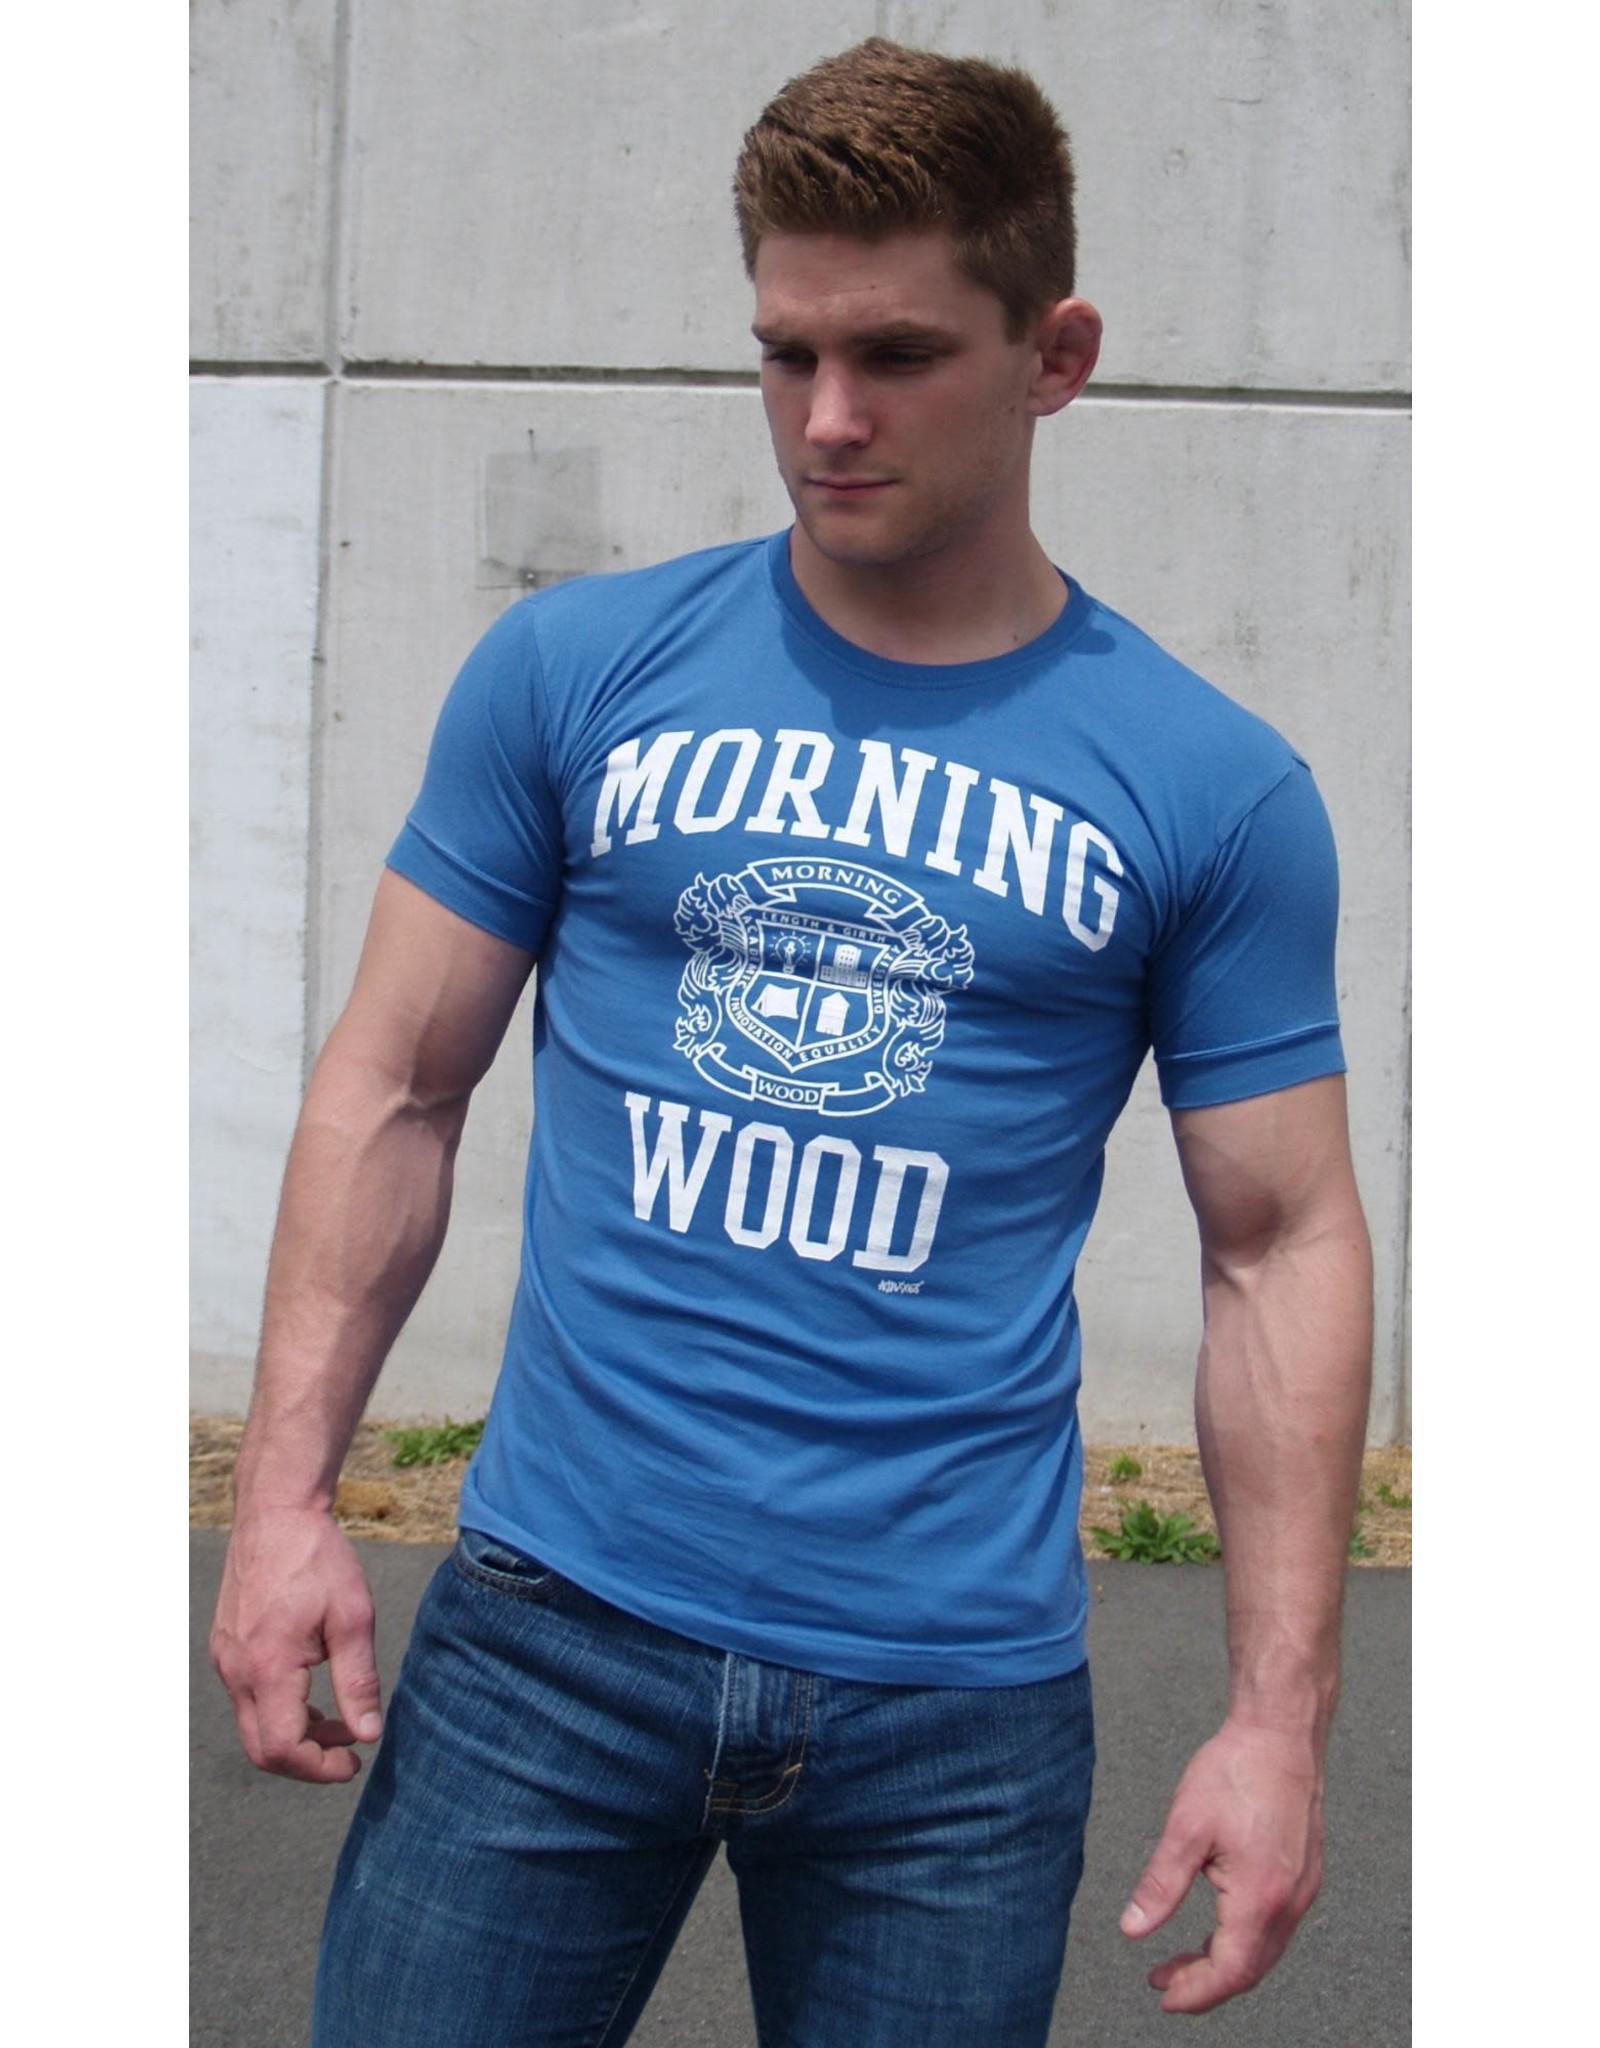 ajaxx63 ajaxx63 Morningwood Tee